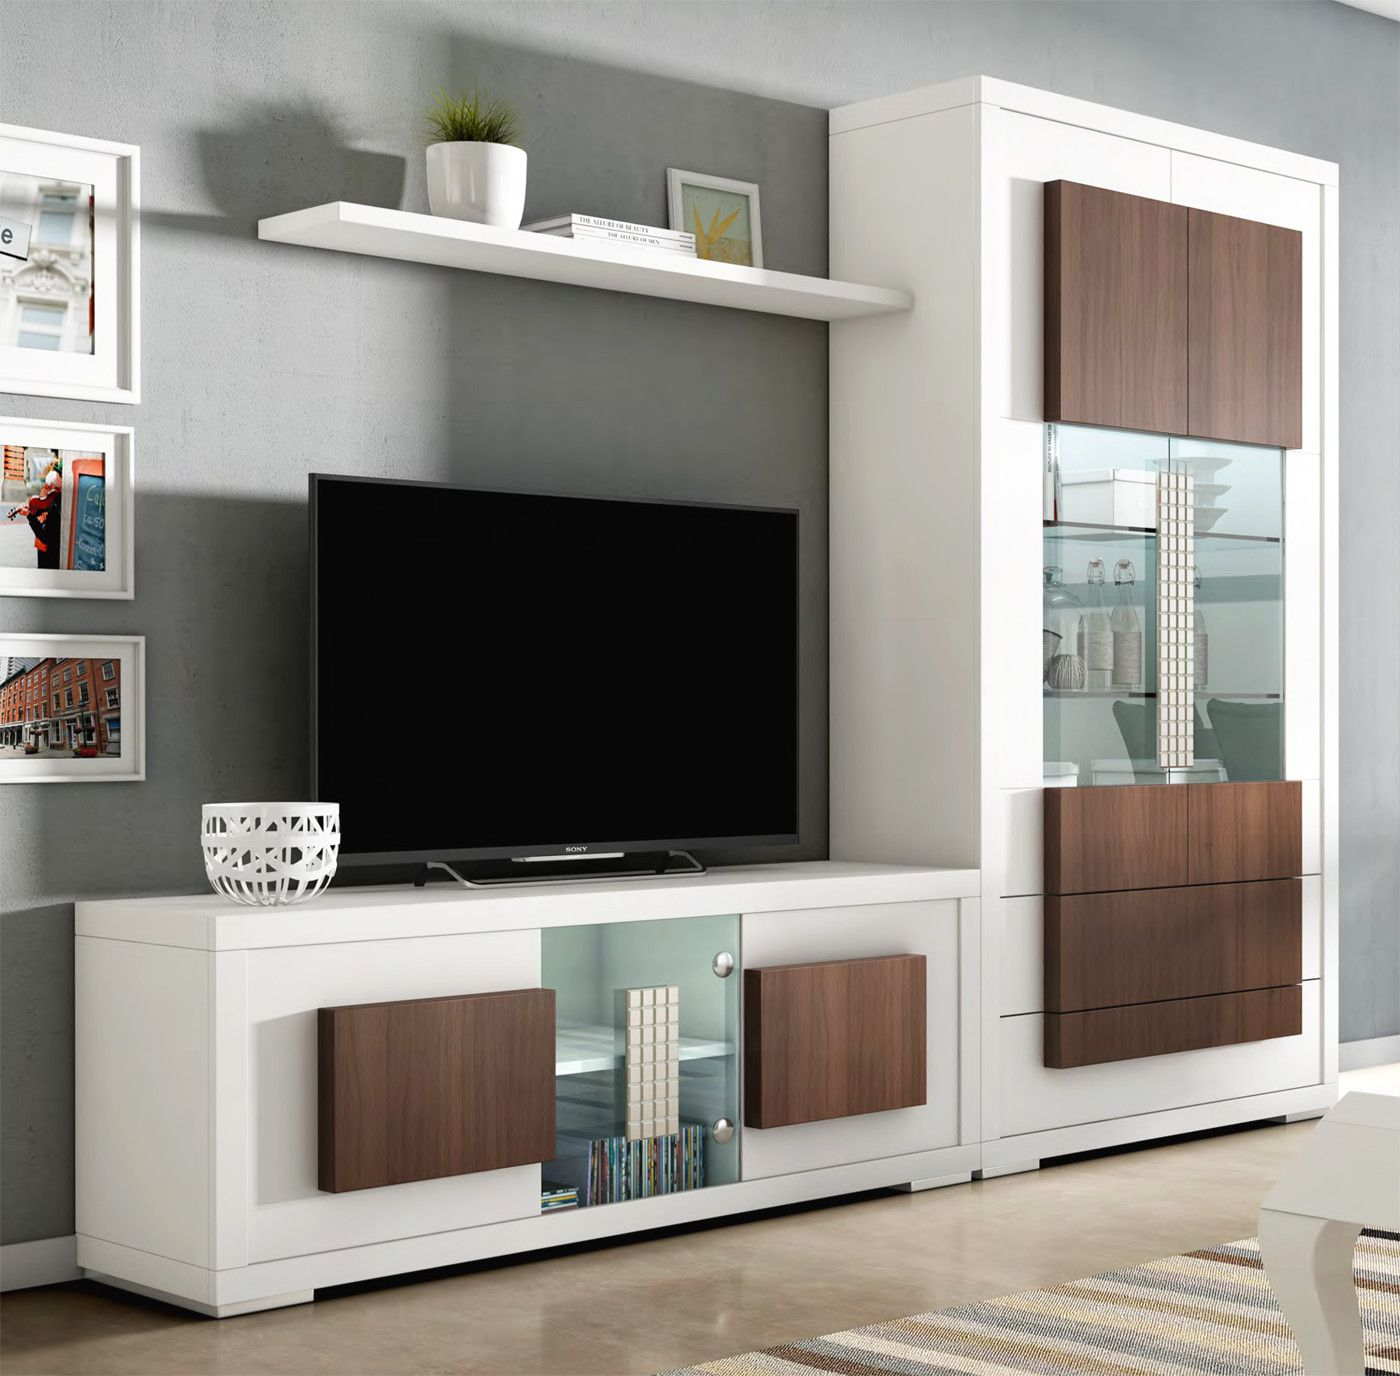 Muebles De Sal N Con Mesa De Televisi N Y Vitrina Con Iluminaci N  # Meuble Support Tv